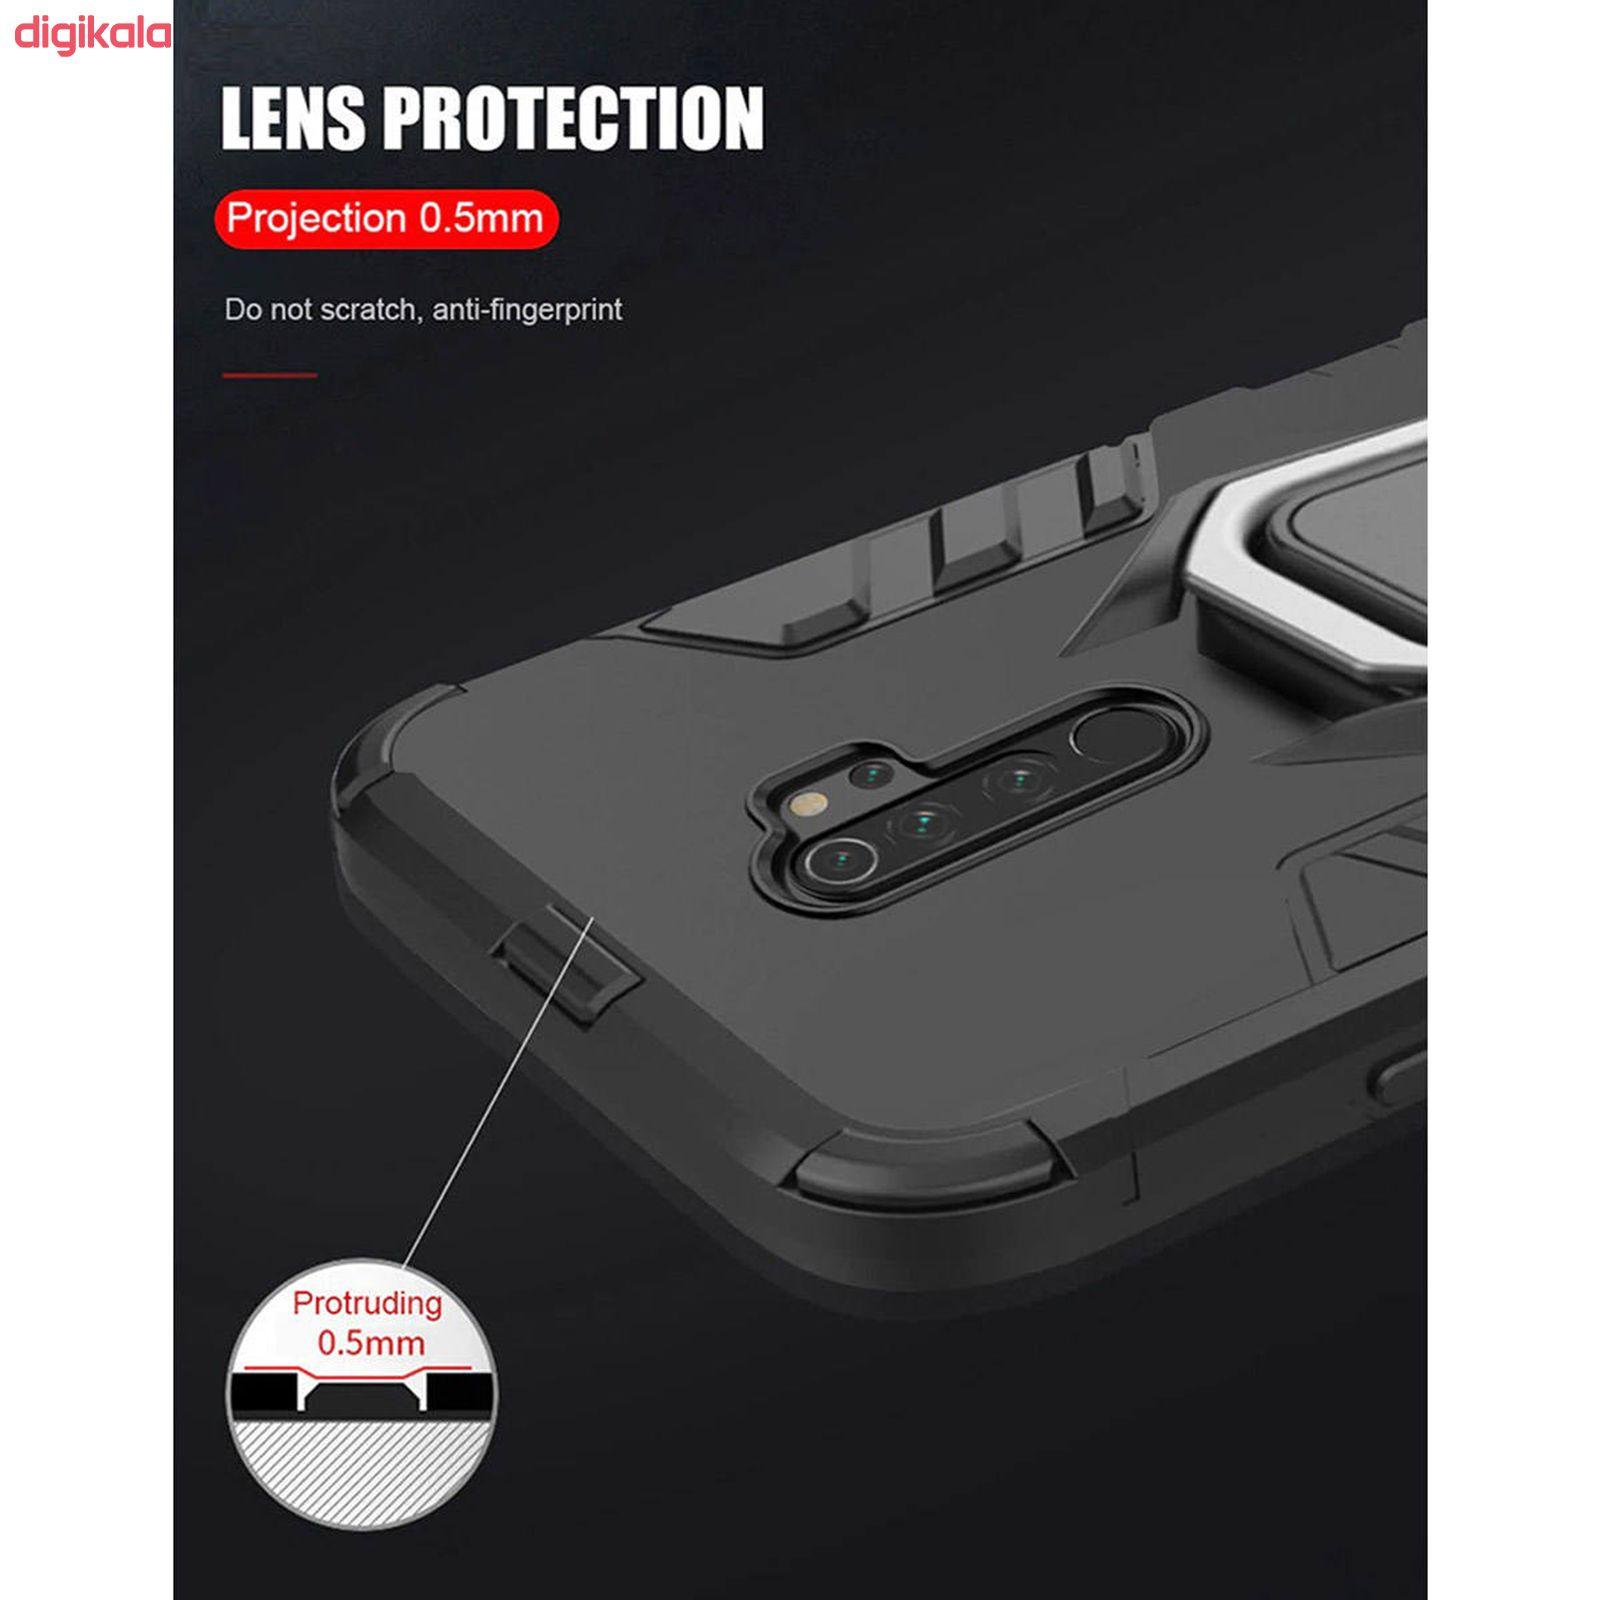 کاور کماندو مدل ASH21 مناسب برای گوشی موبایل شیائومی Redmi Note 8 Pro main 1 13